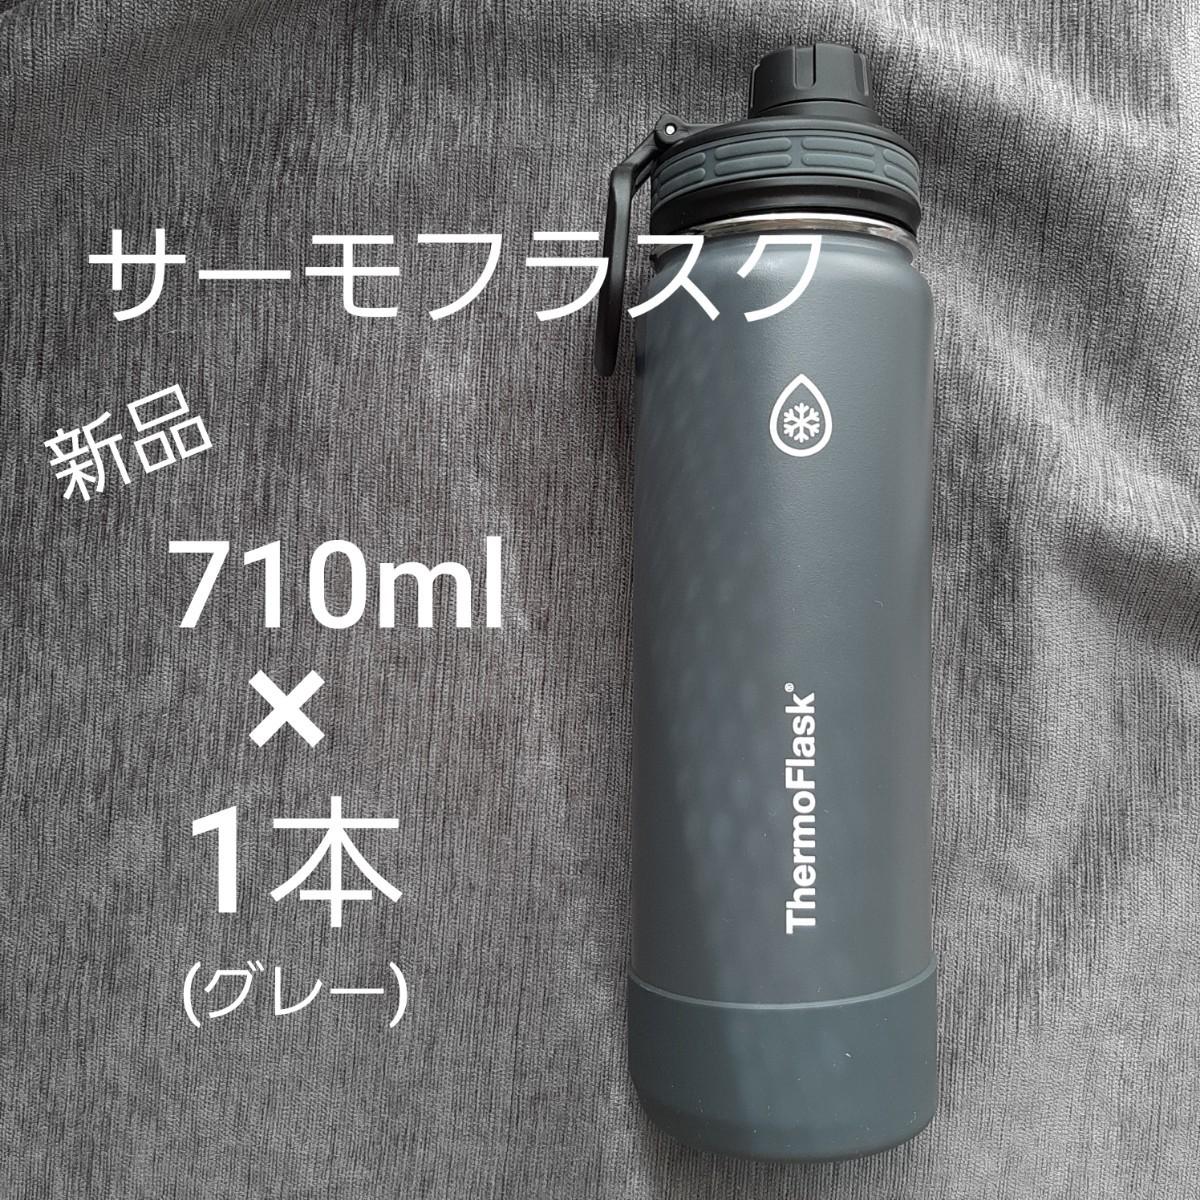 ステンレス 保温 保冷 水筒 マグ タンブラー アウトドア 新品 グレー  ステンレスマグ  ステンレスボトル